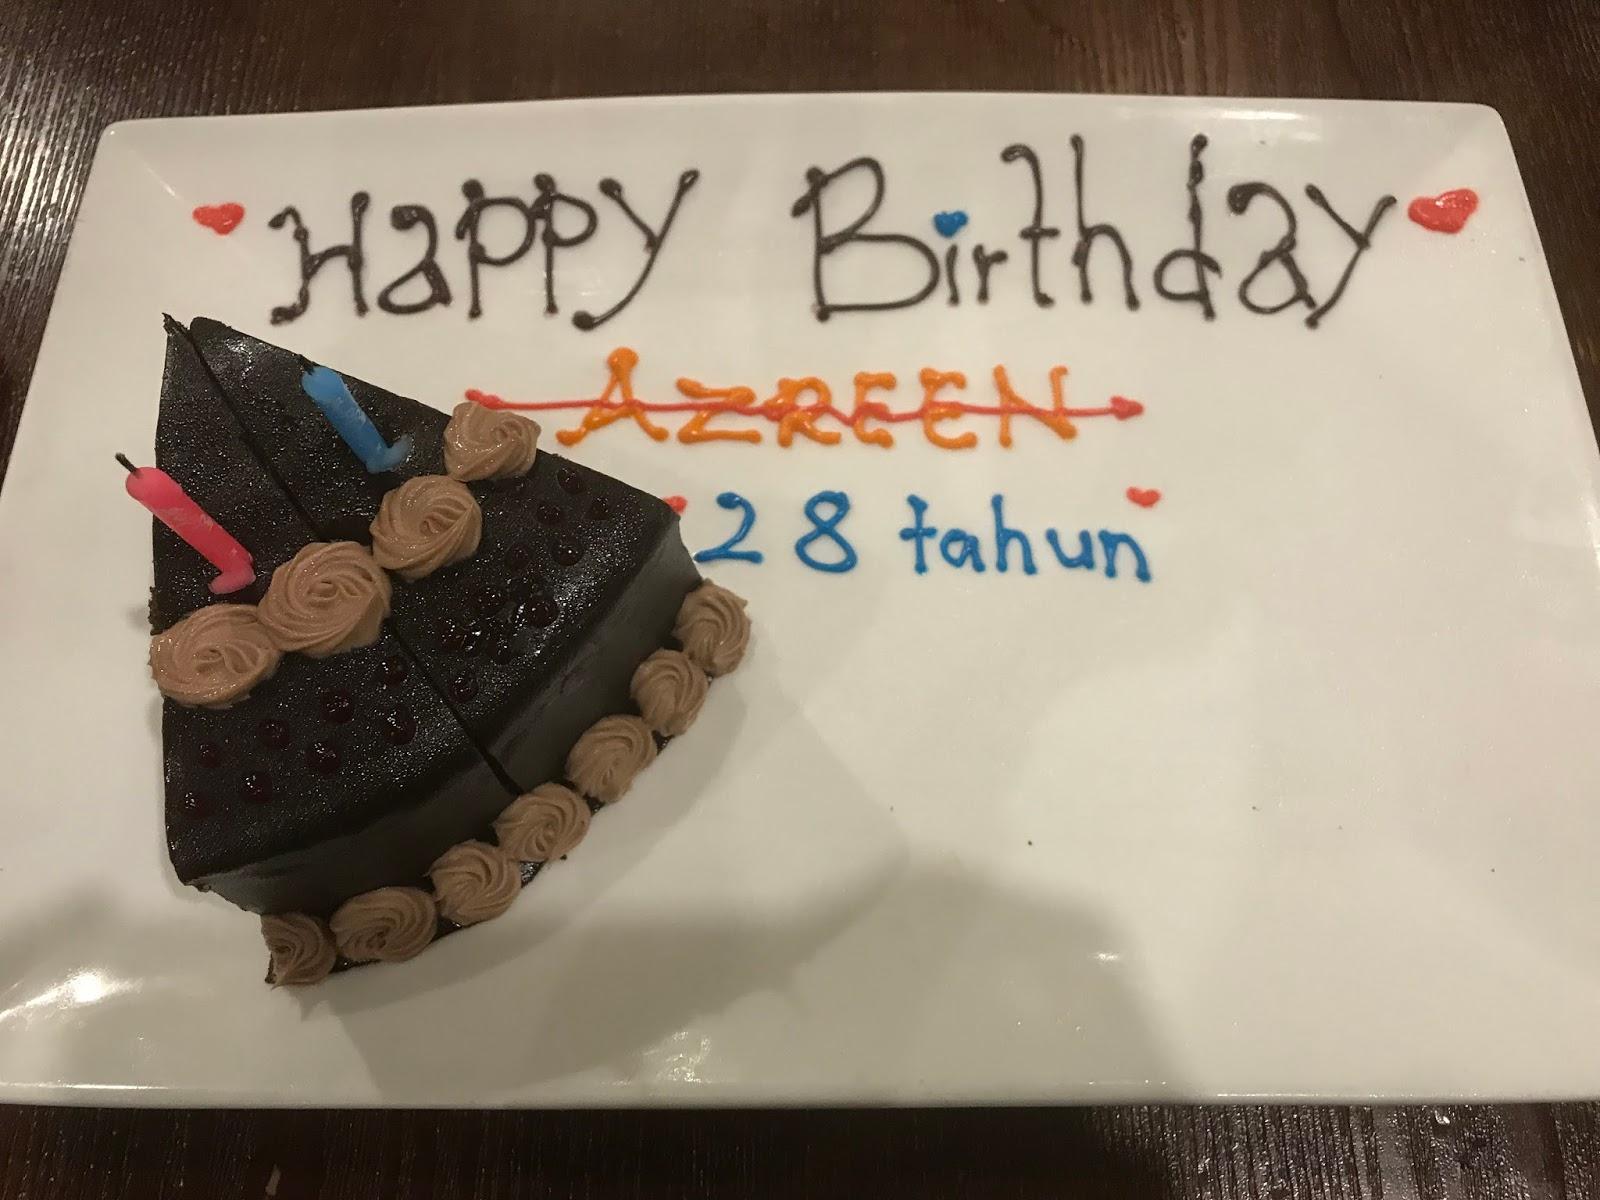 Sambut Birthday di Me'nate Steak Hub memang Meriah!